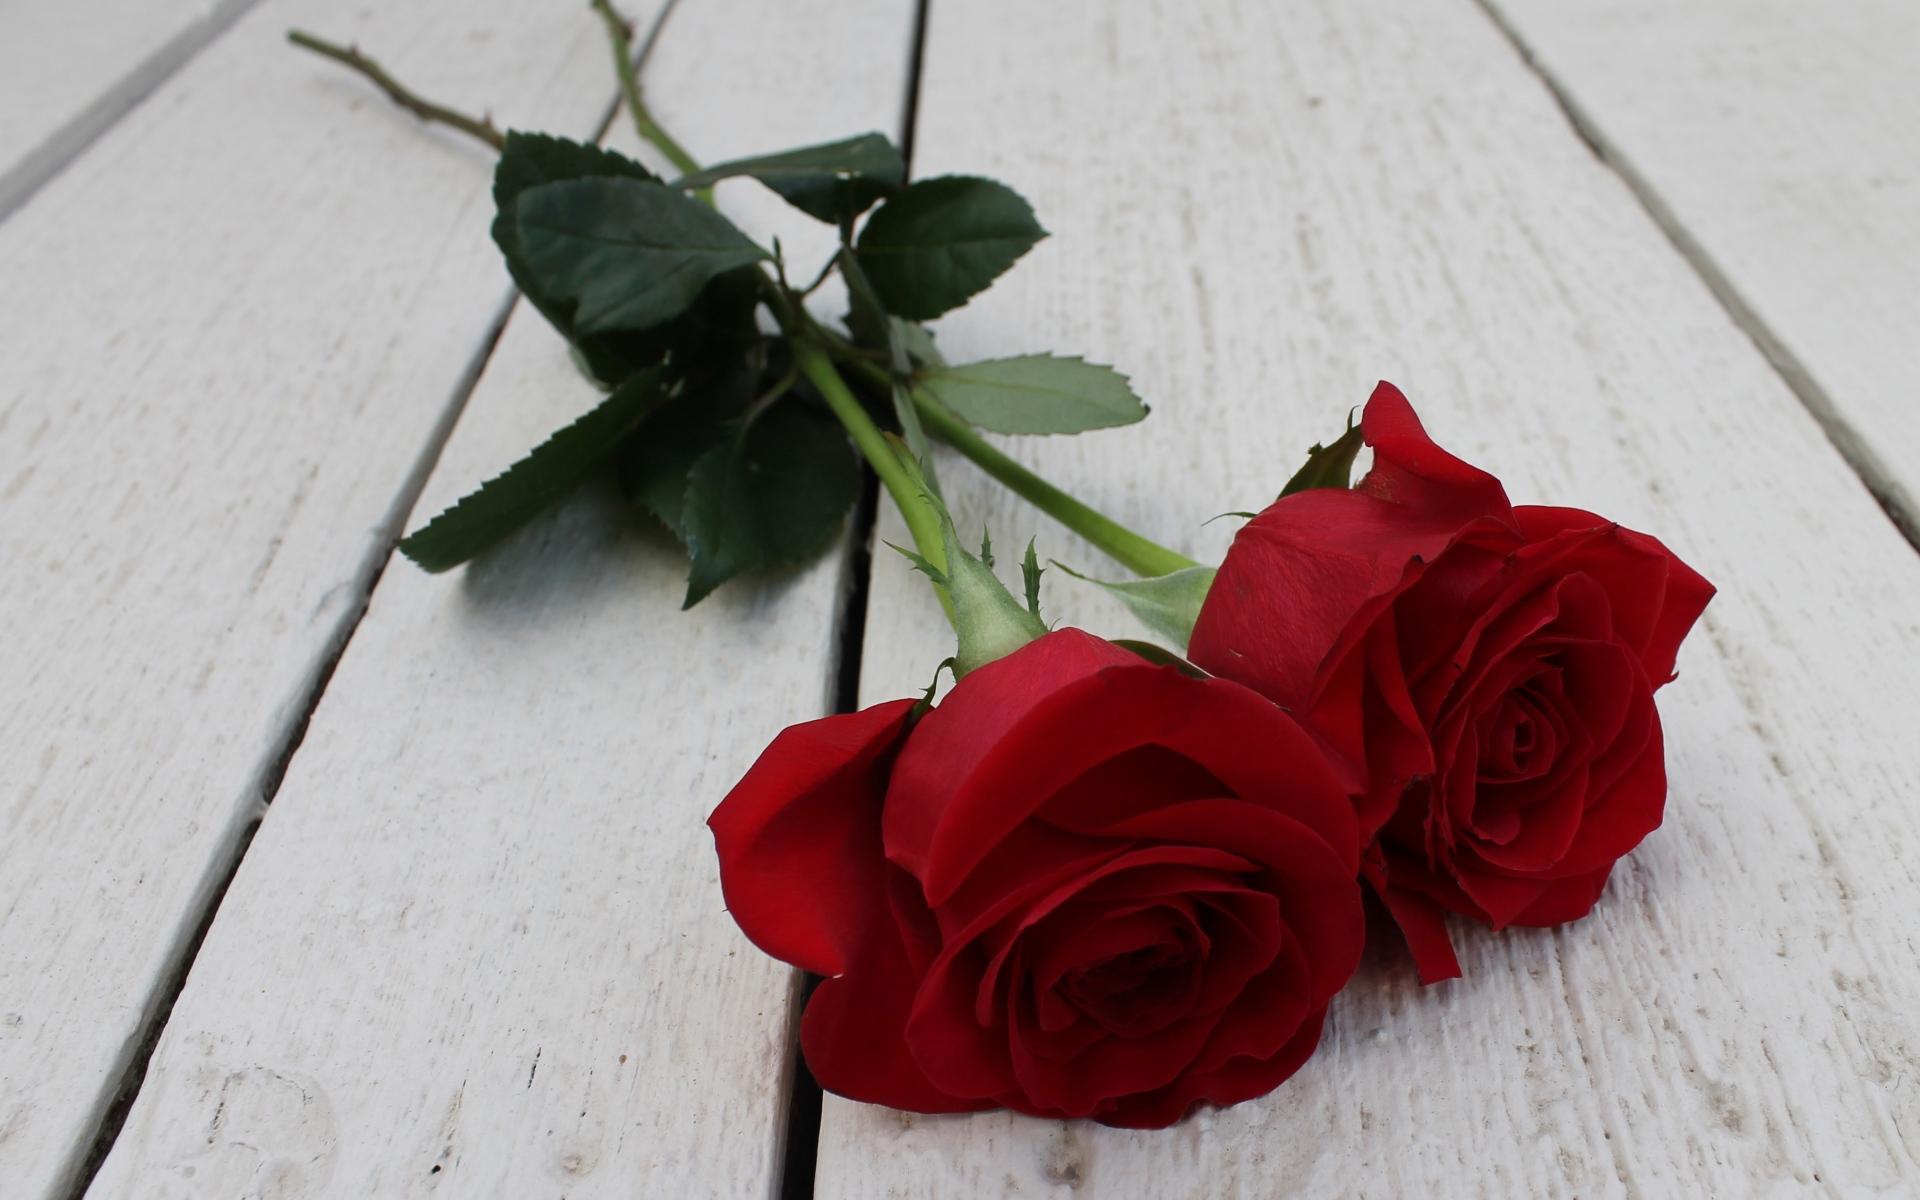 Картинки Роза, пара, цветы, стебель, бутон фото и обои на рабочий стол